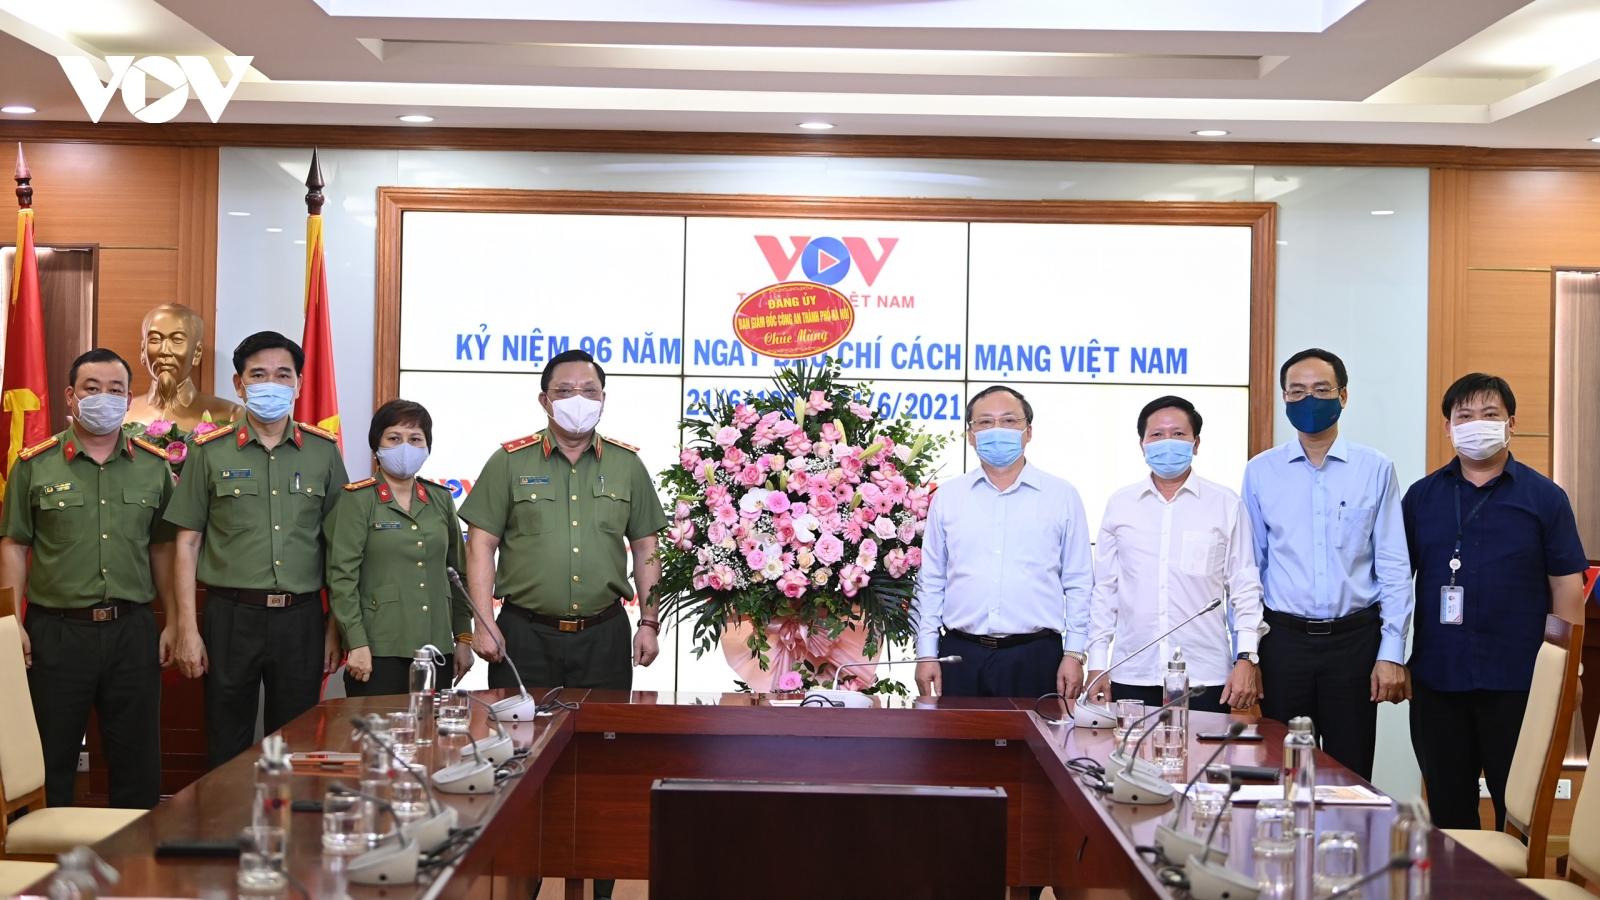 Công an Hà Nội chúc mừng VOV nhân kỷ niệm Ngày Báo chí cách mạng Việt Nam